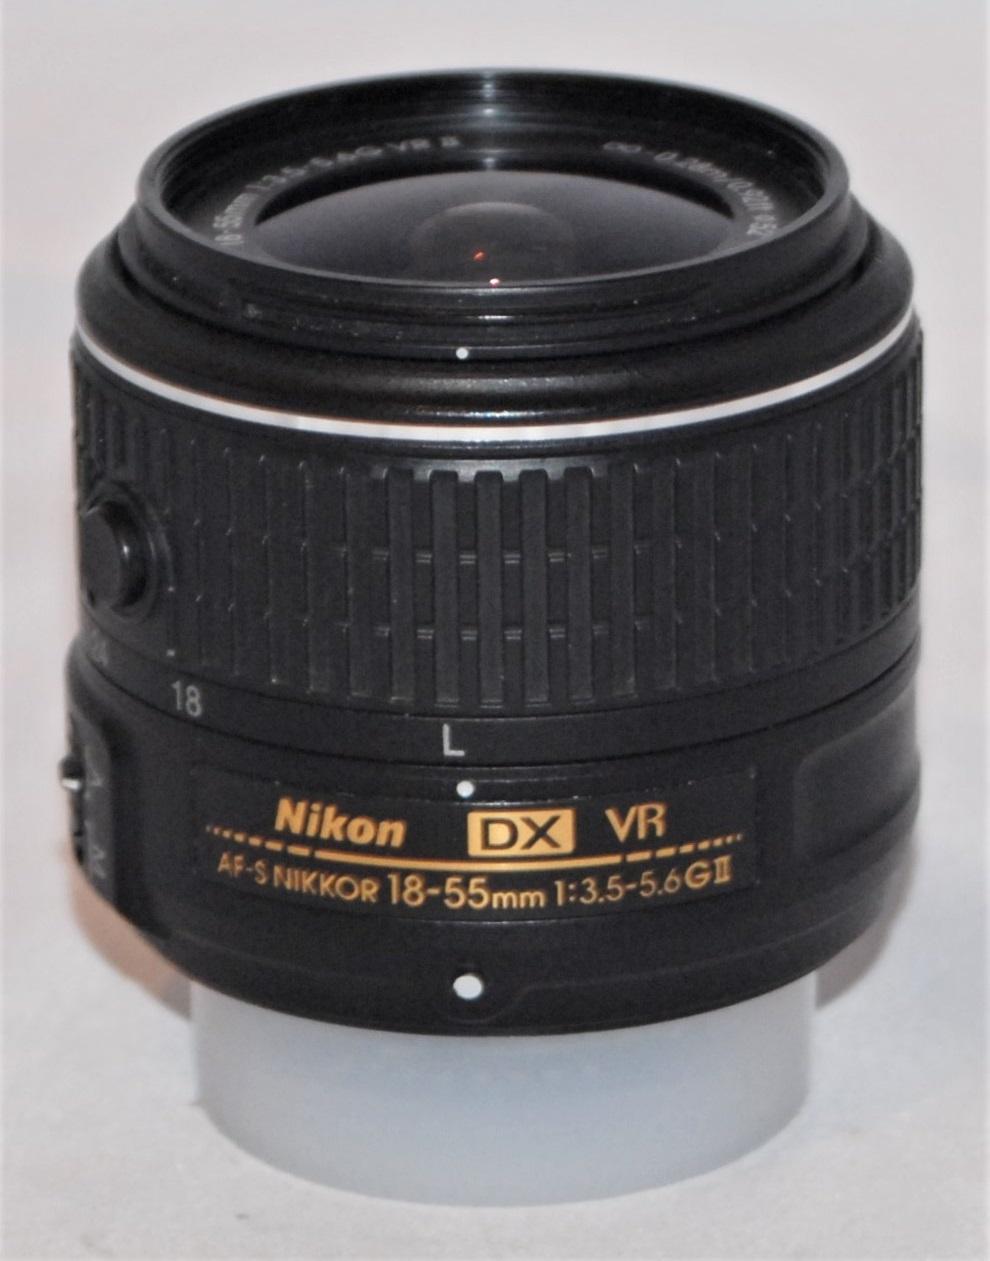 Nikkor 18-55mm f3.5-5.6 G AF-S DX VR II